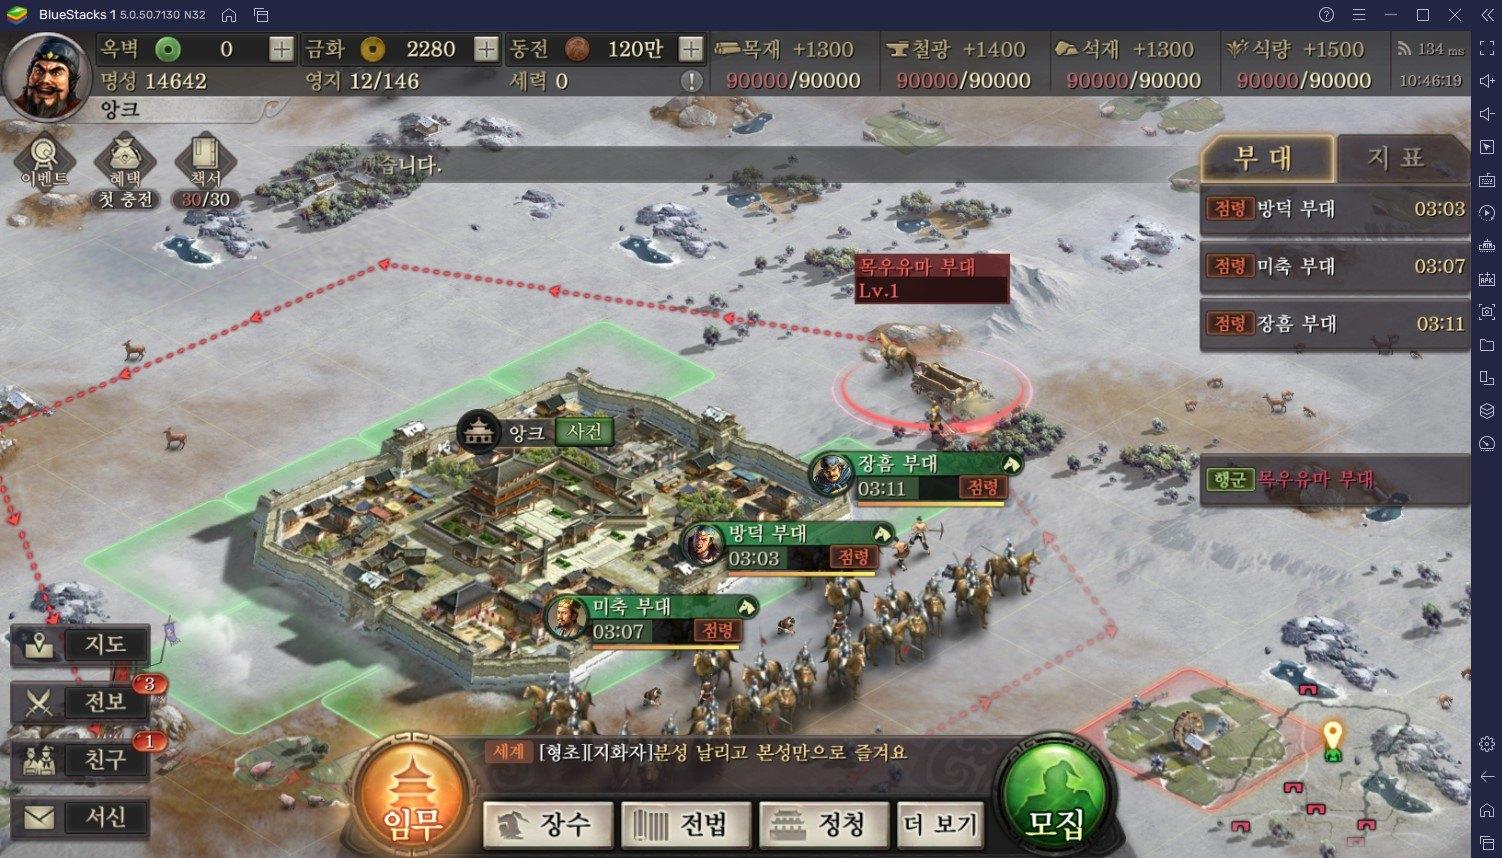 SLG는 블루스택 앱플레이어로! 삼국지 전략판을 PC에서 즐겨보세요